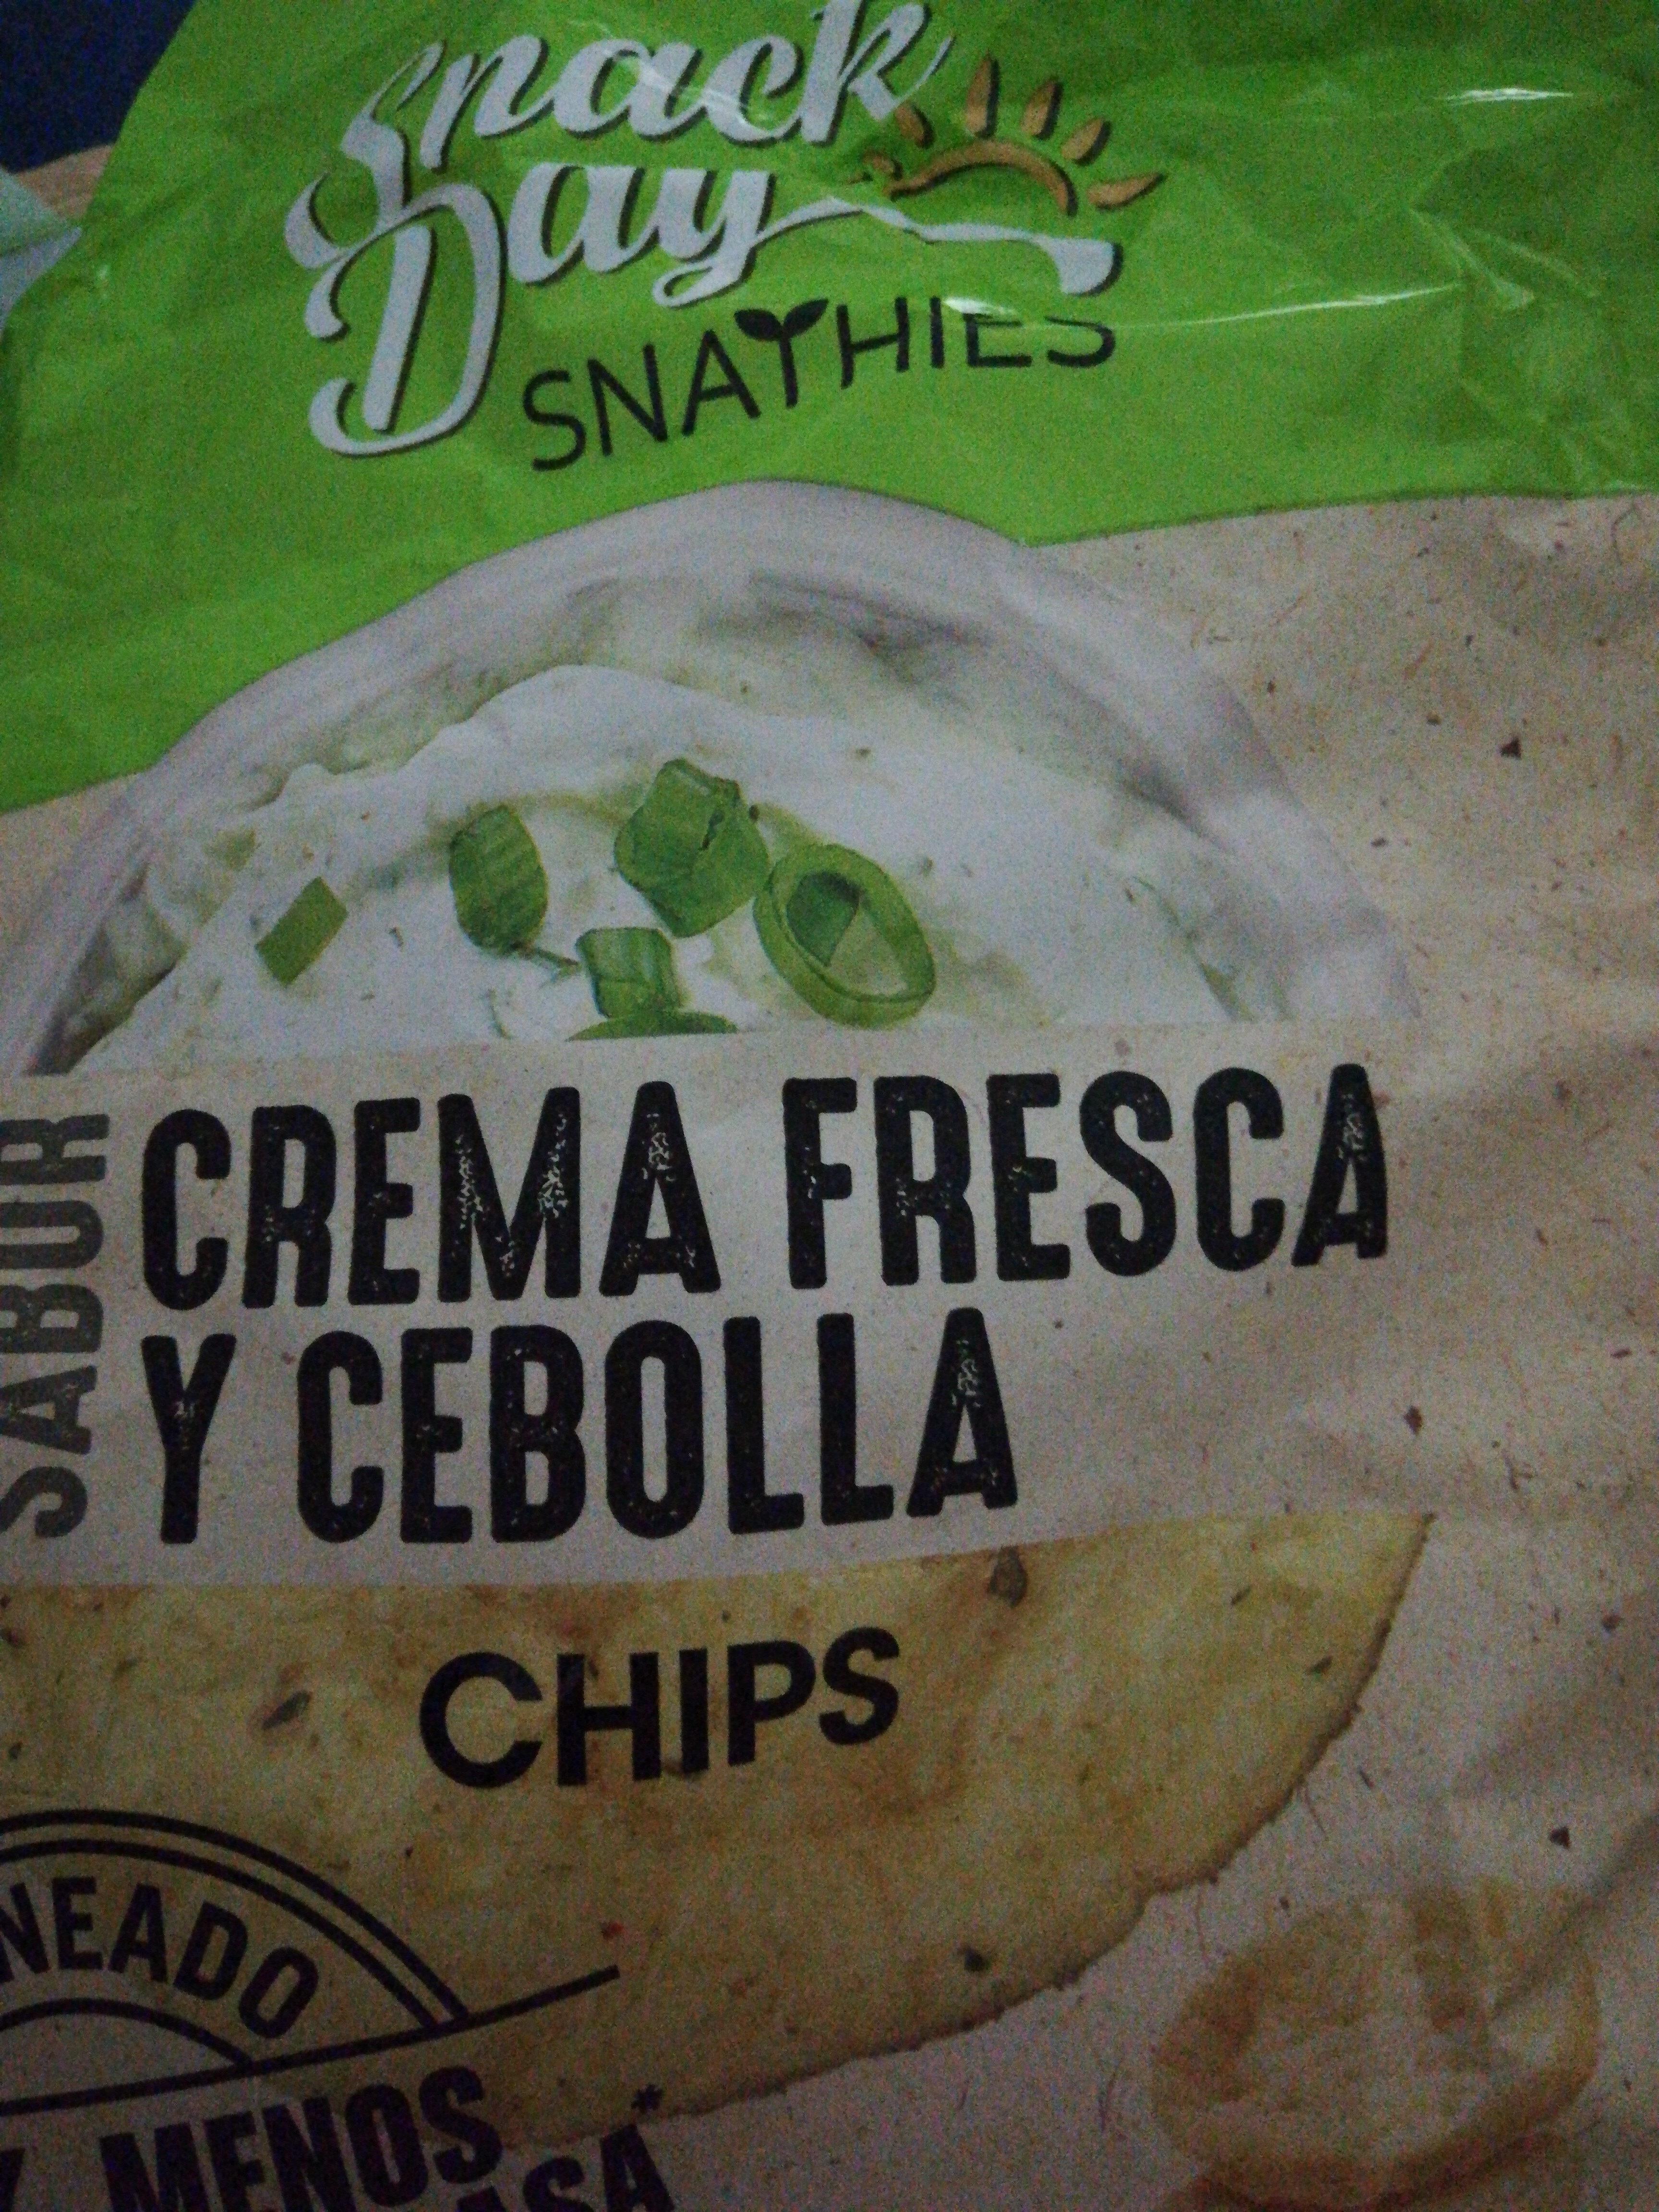 Chips snack day crema fresca y cebolla - Producto